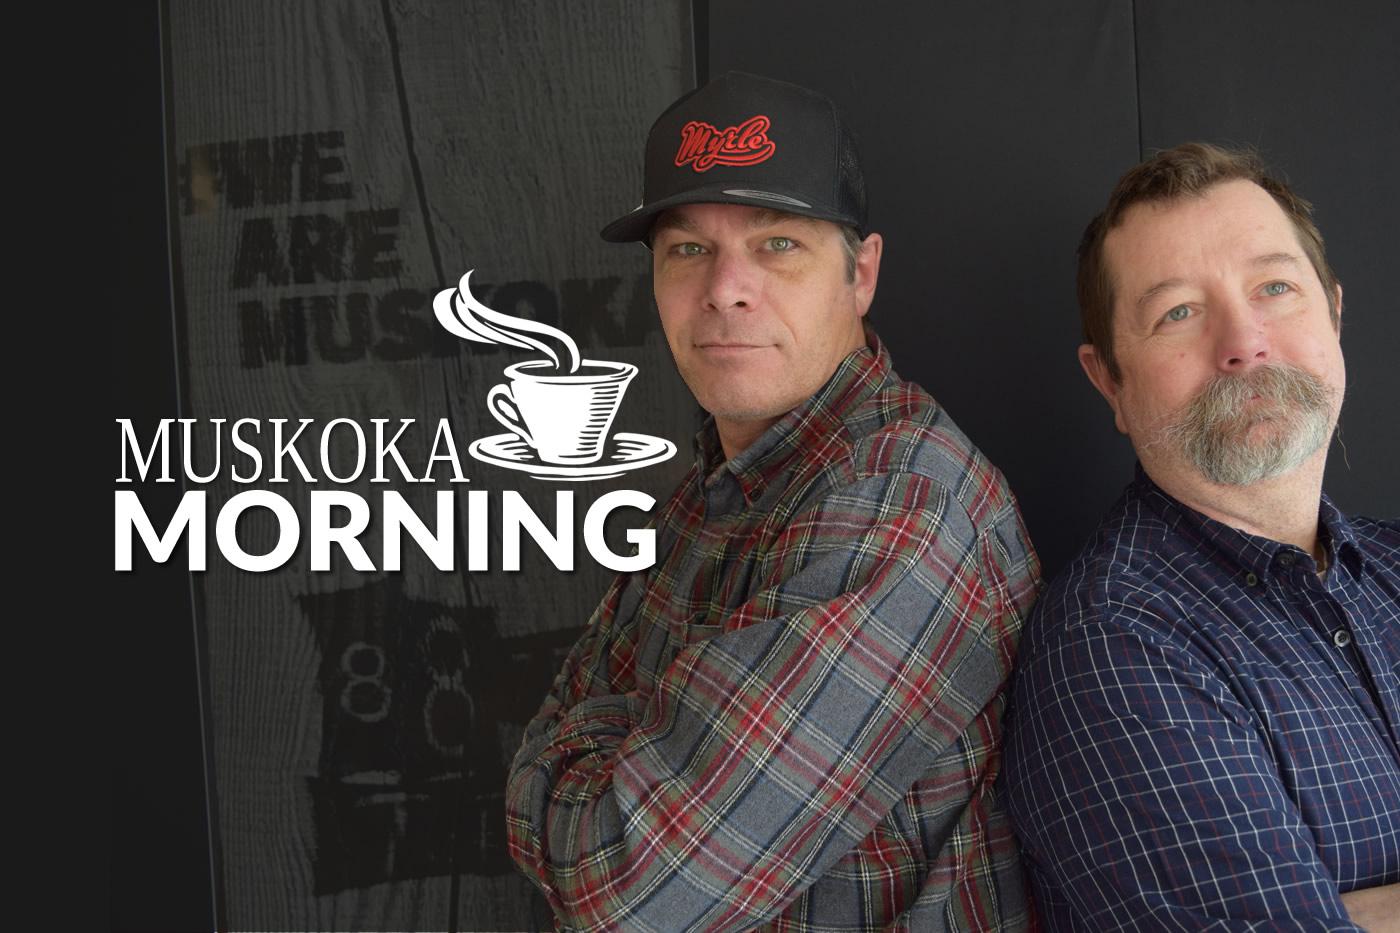 Muskoka Morning